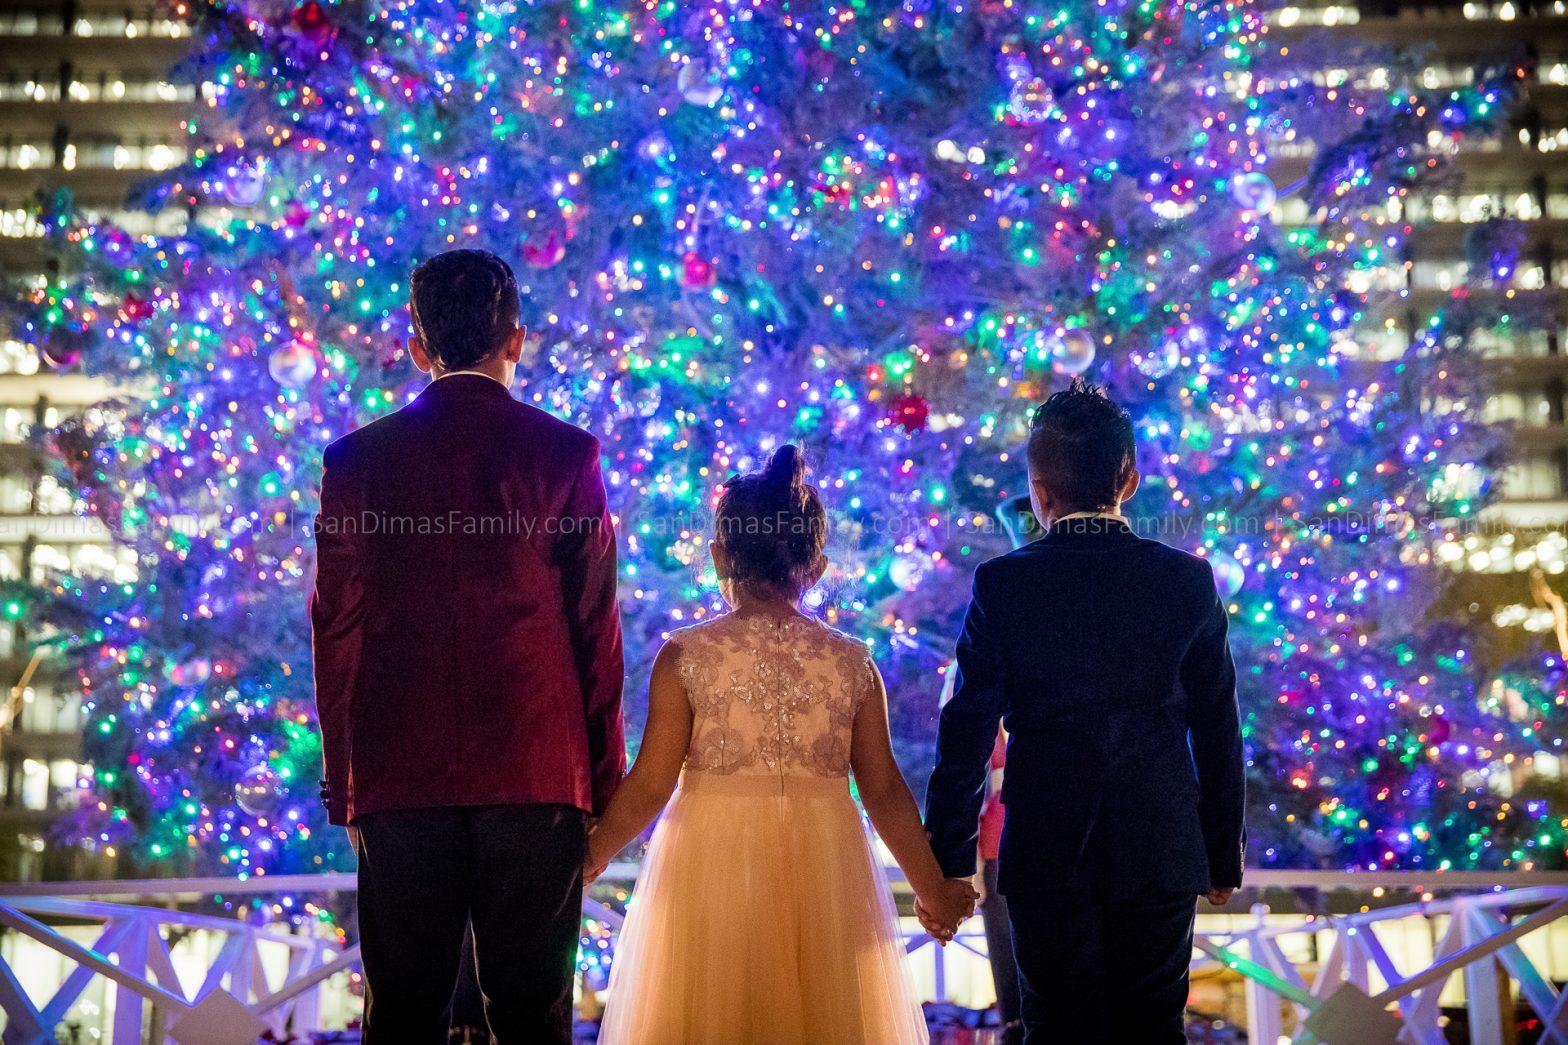 Christmas Family Photo with Huge Christmas Tree